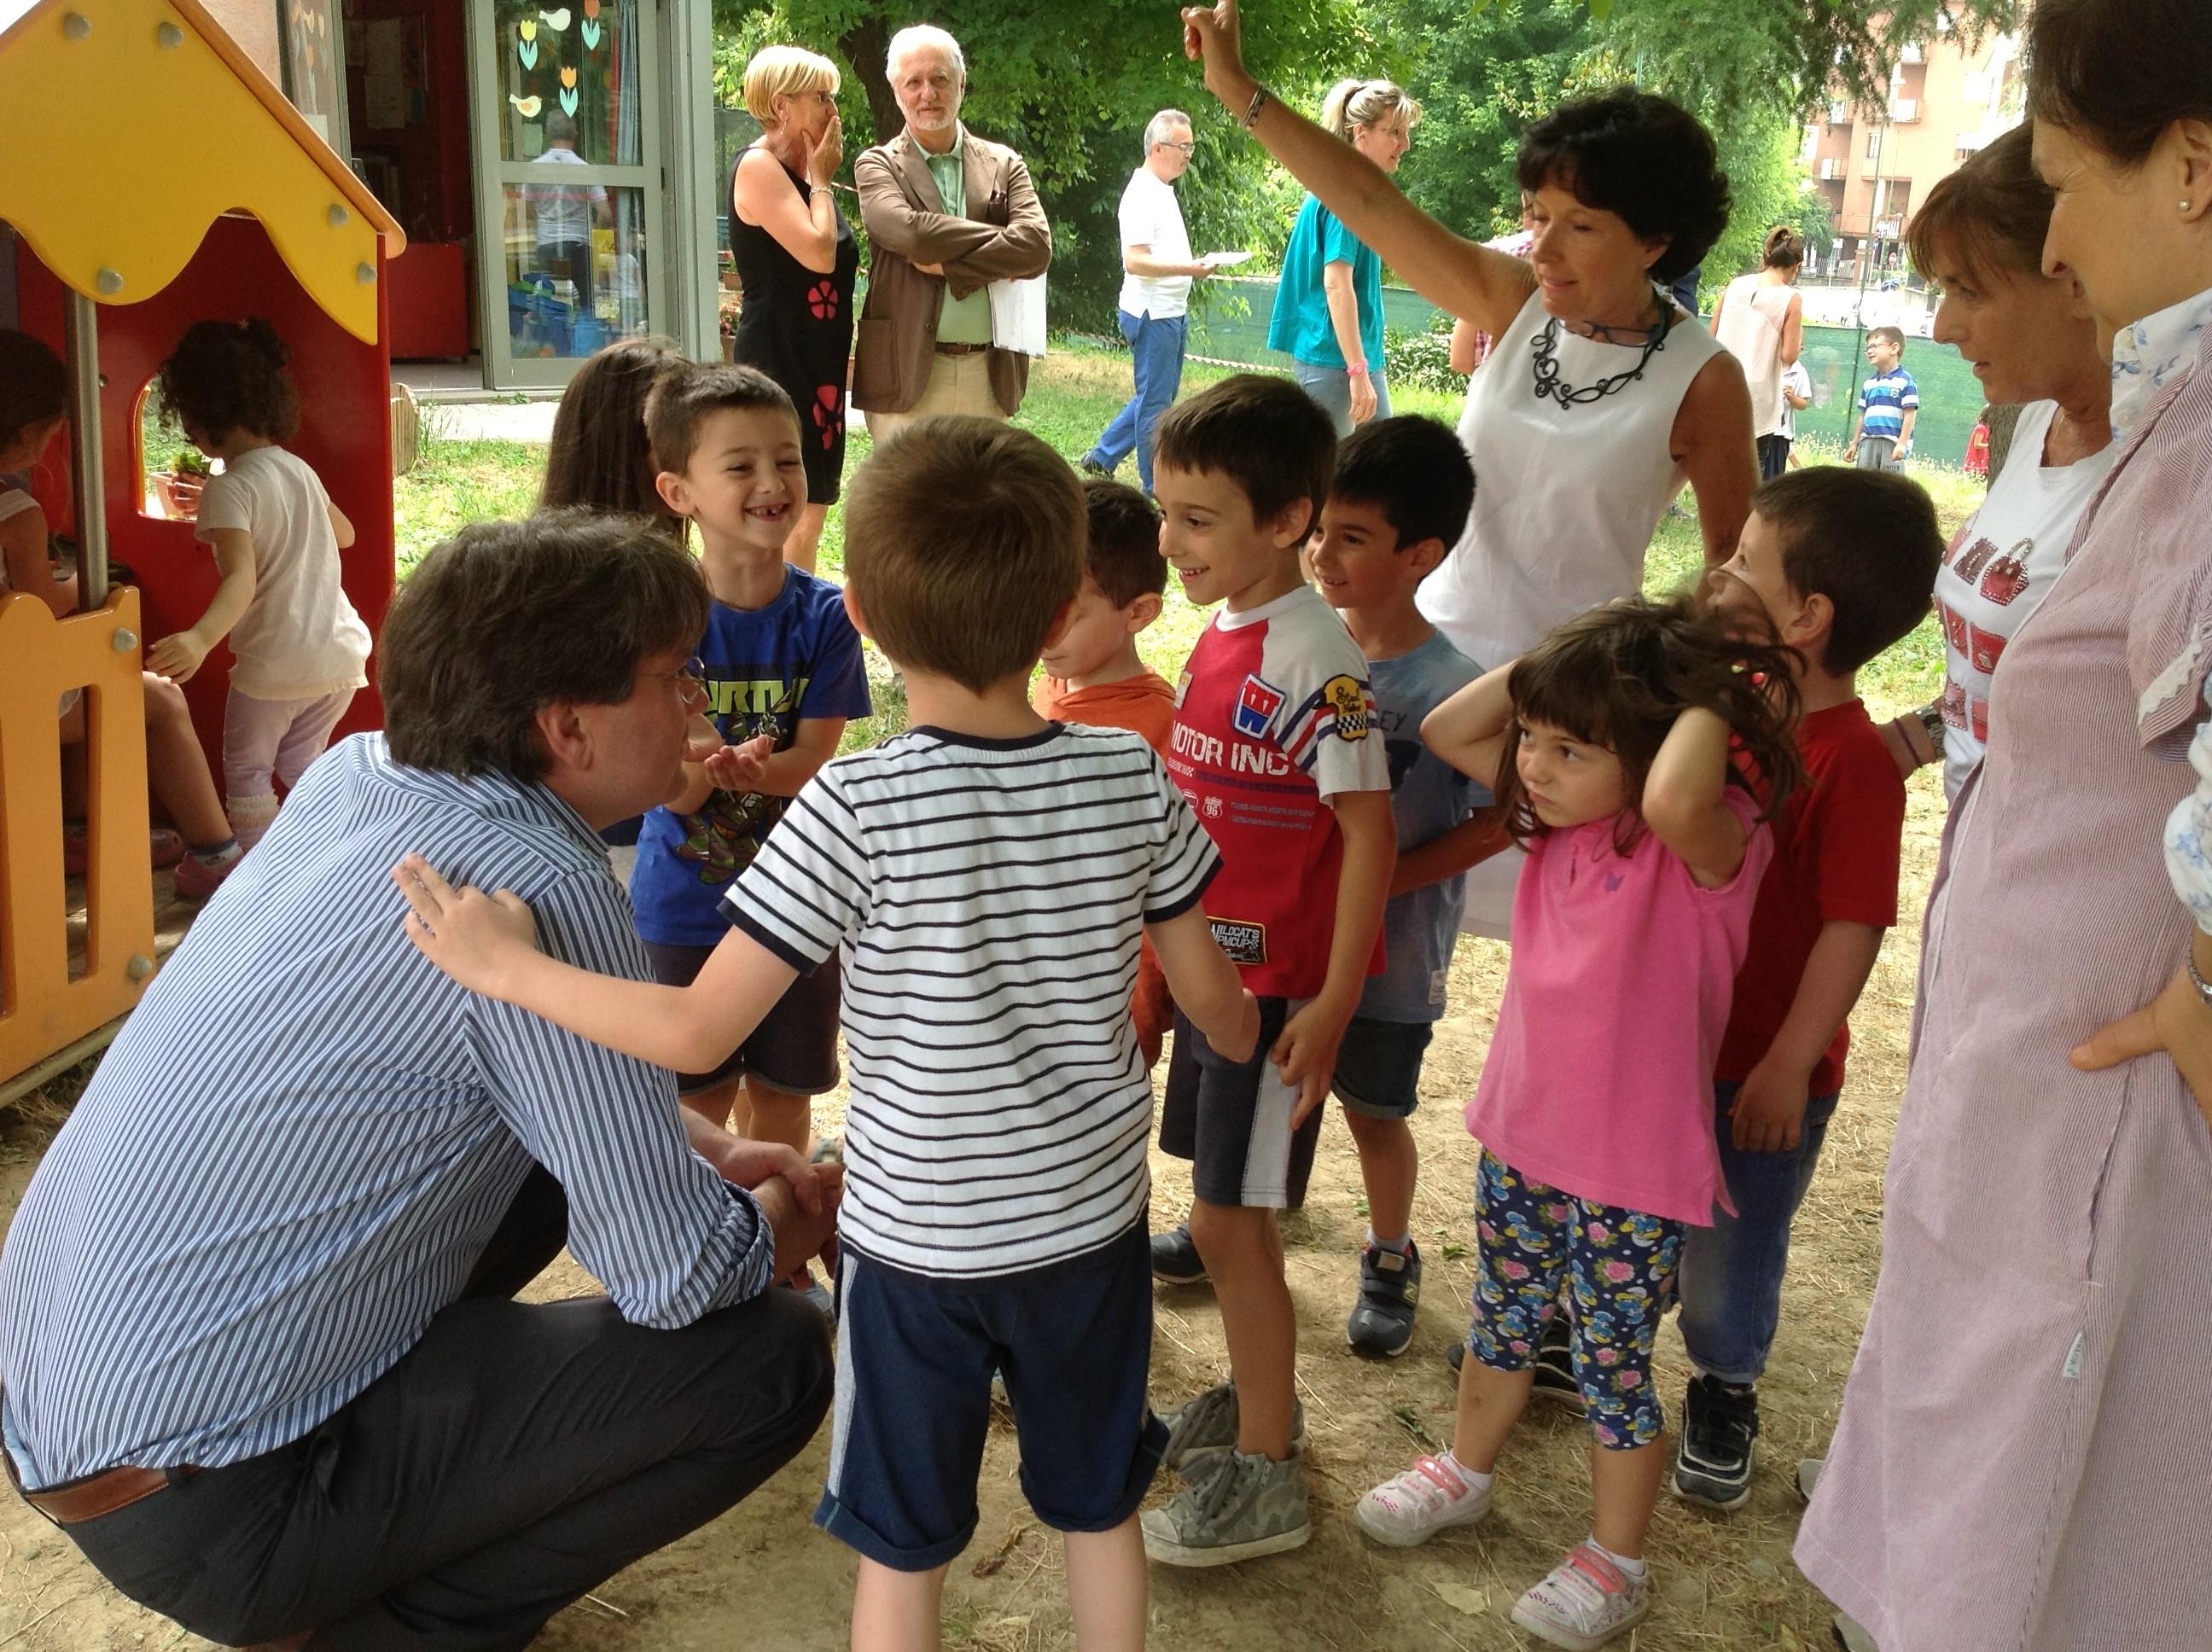 Approvato il progetto da 400 mila euro per quindici scuole elementari di Asti